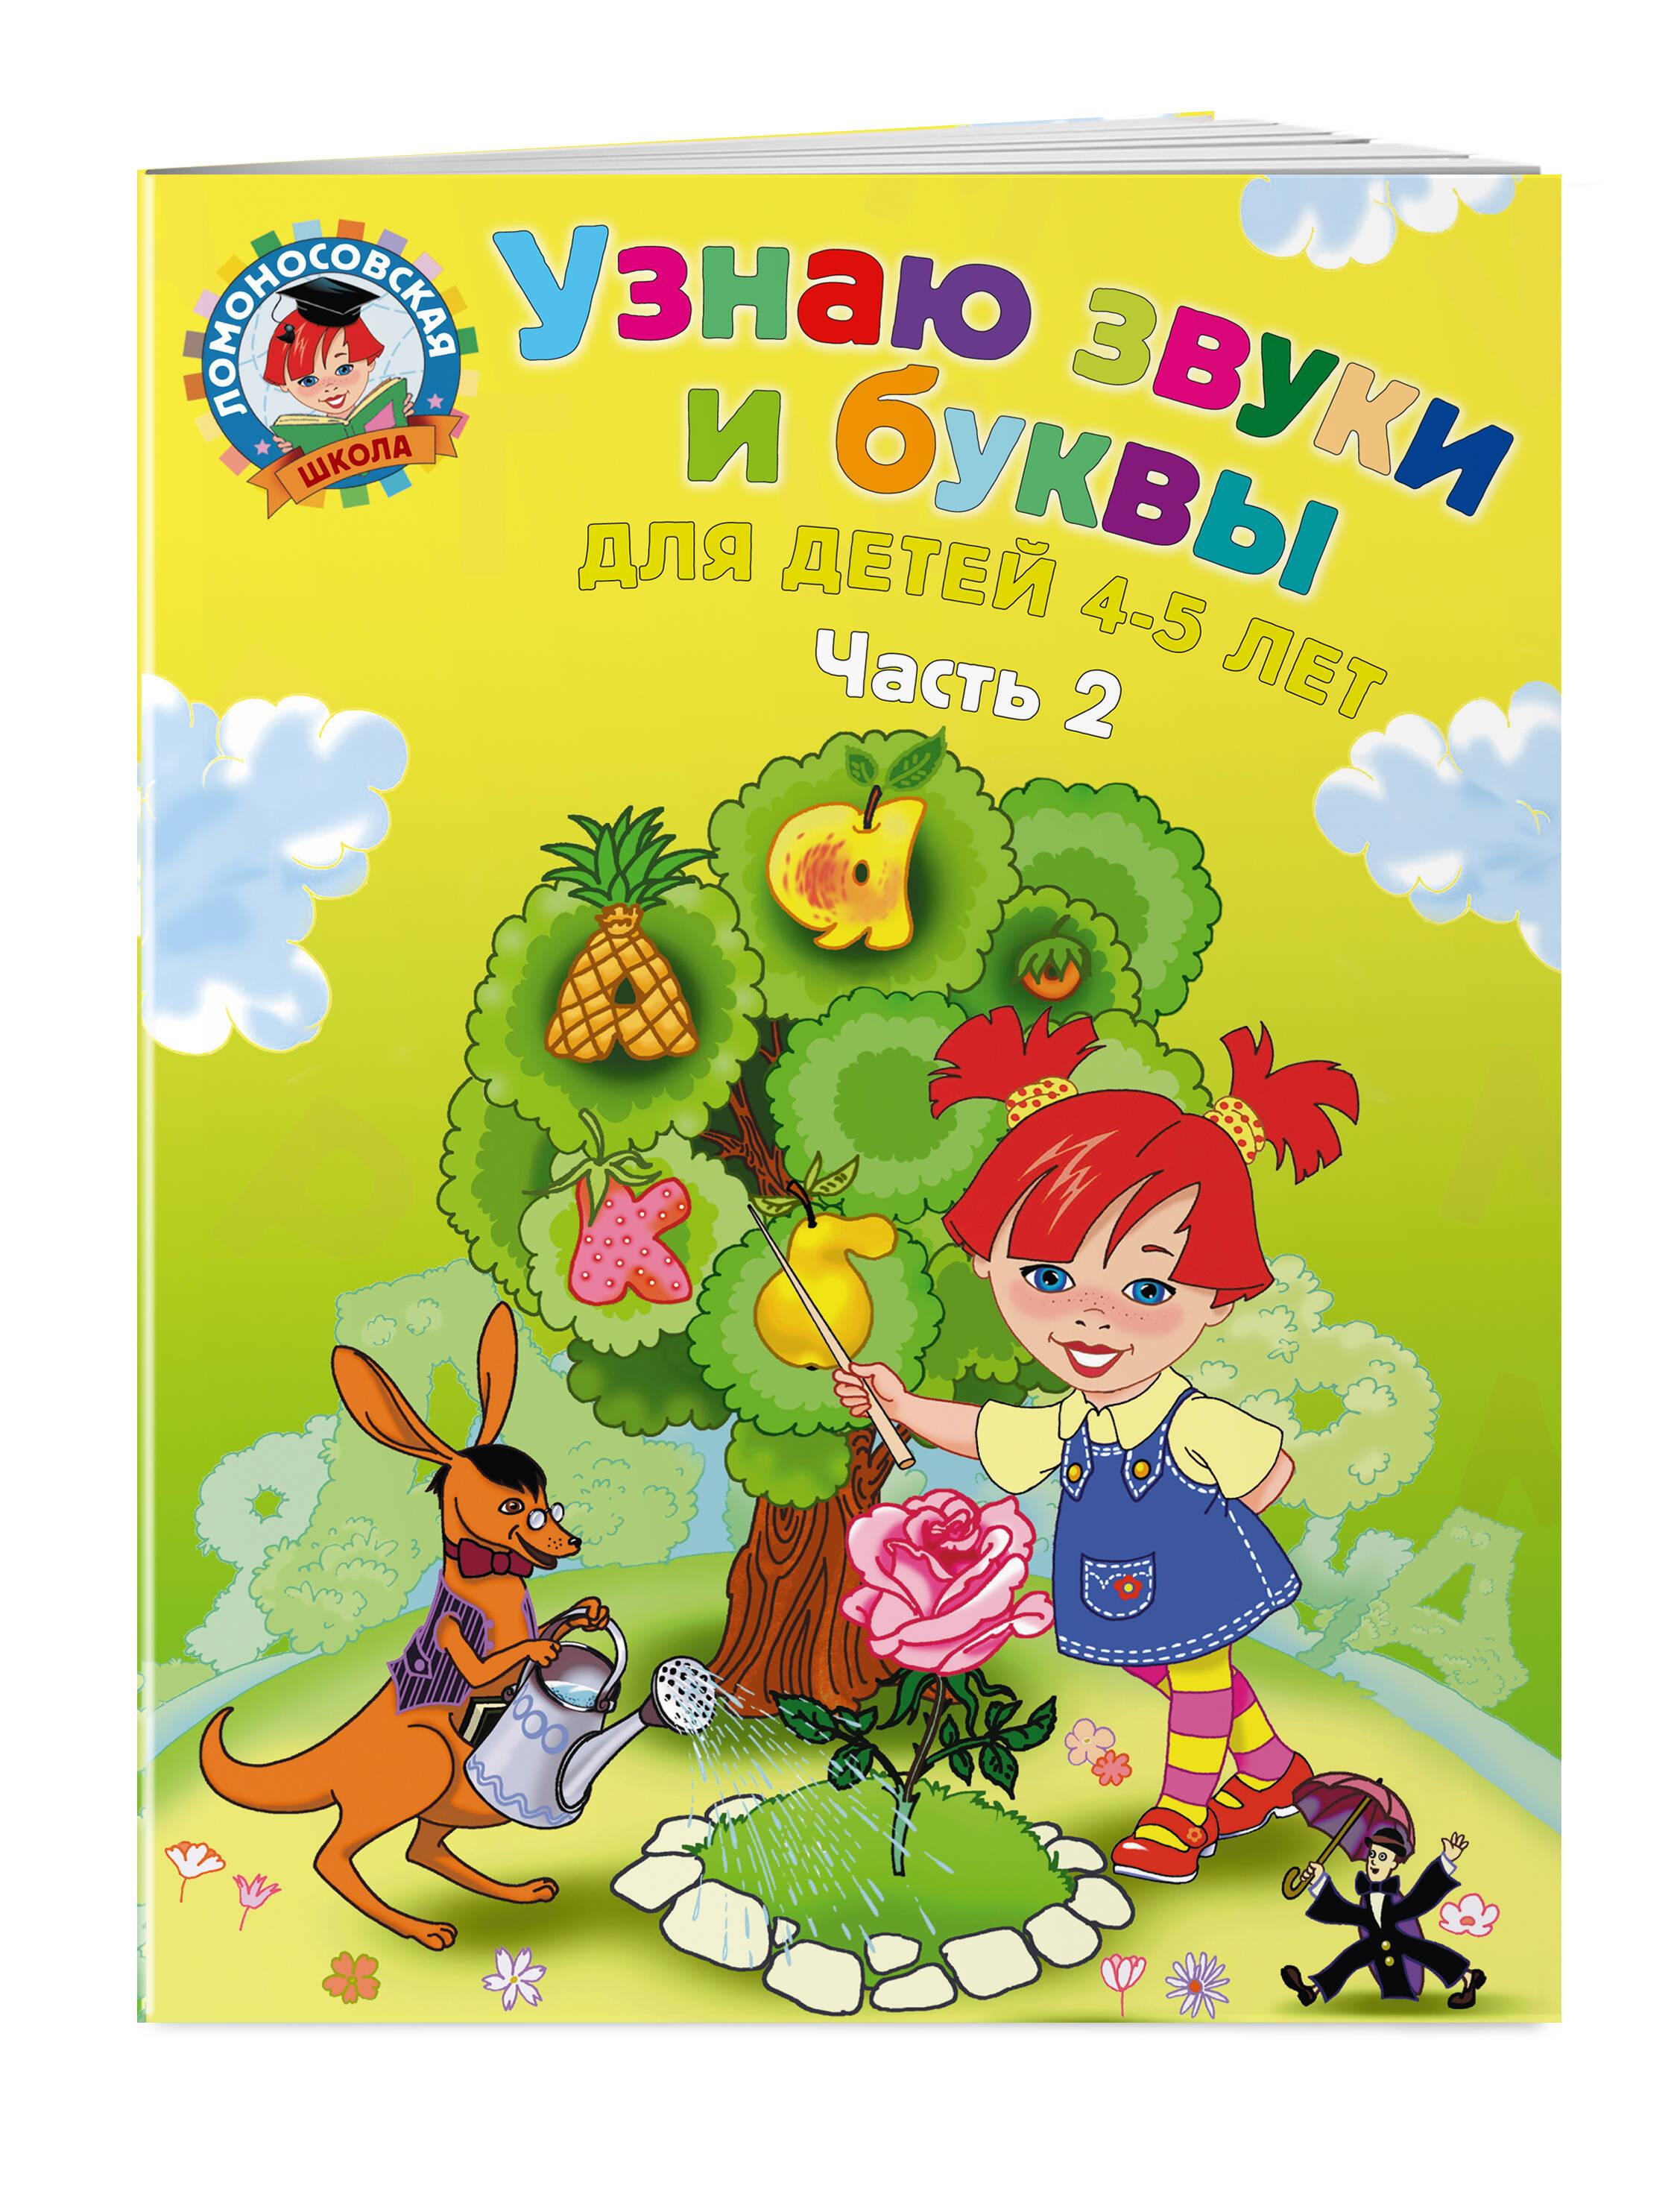 Узнаю звуки и буквы: для детей 4-5 лет. Ч. 2. 2-е изд., испр. и перераб.